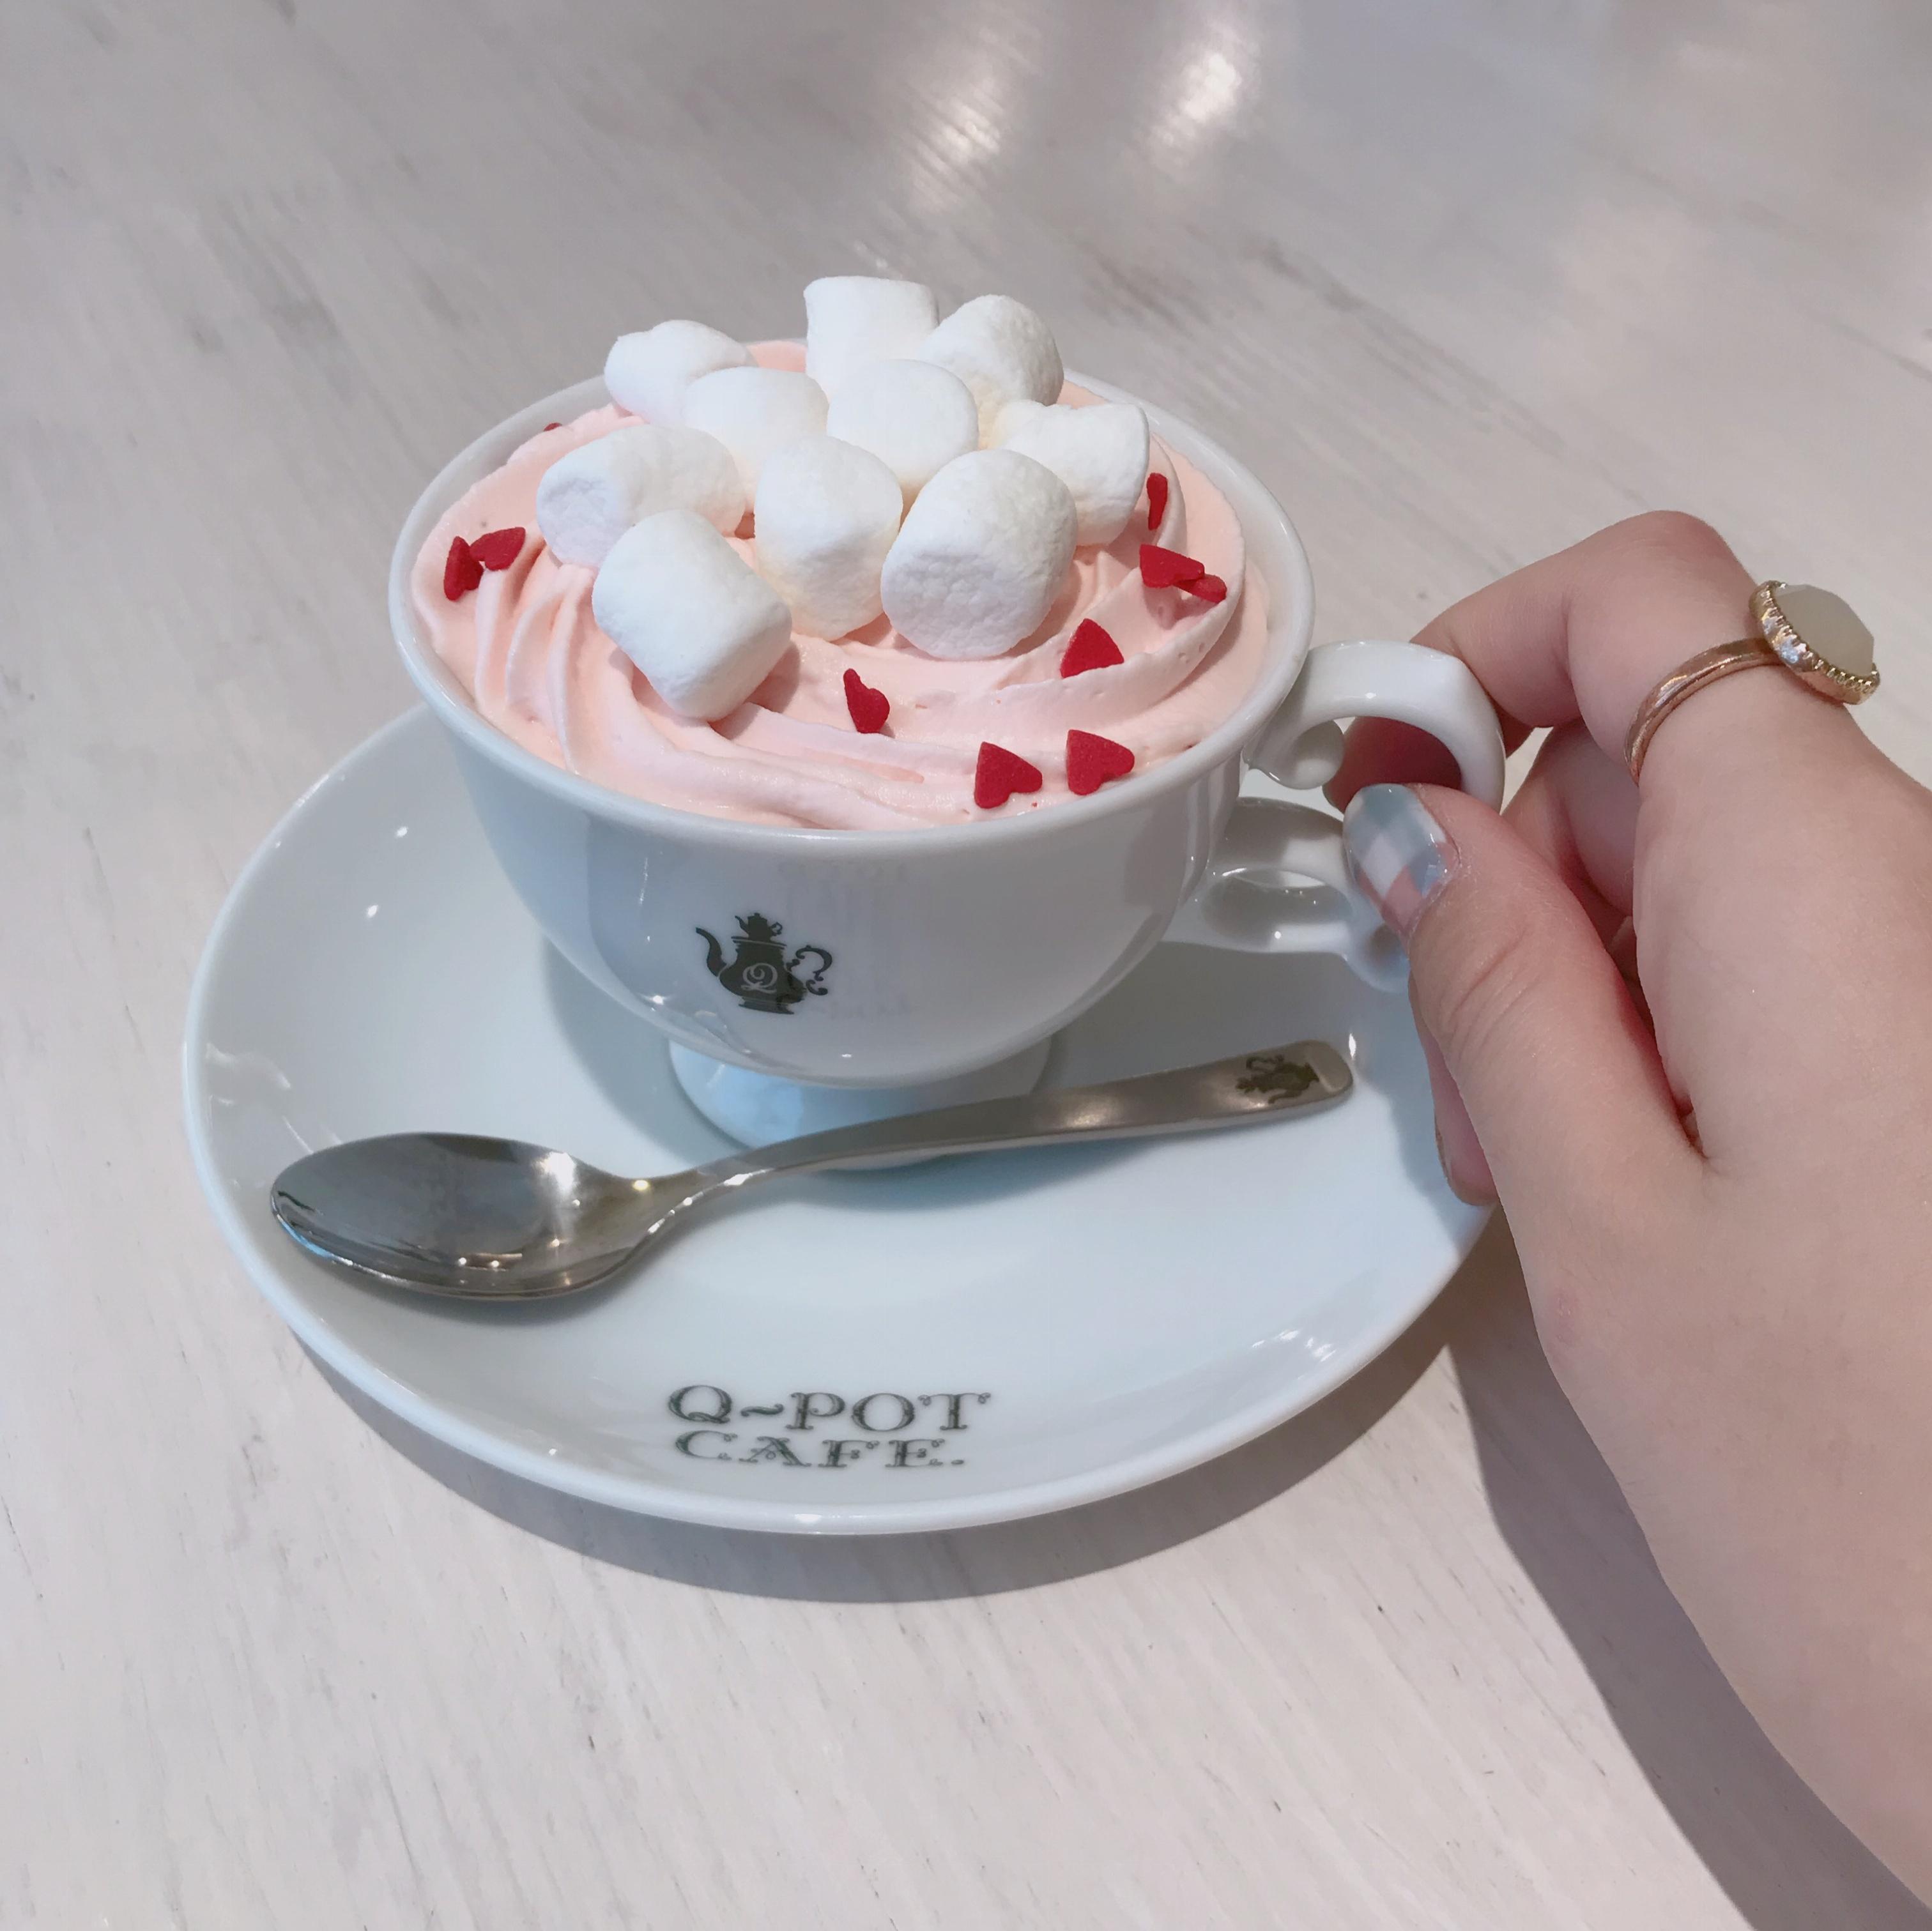 バレンタイン限定❤︎表参道で食べる可愛すぎるスイーツ♡_4